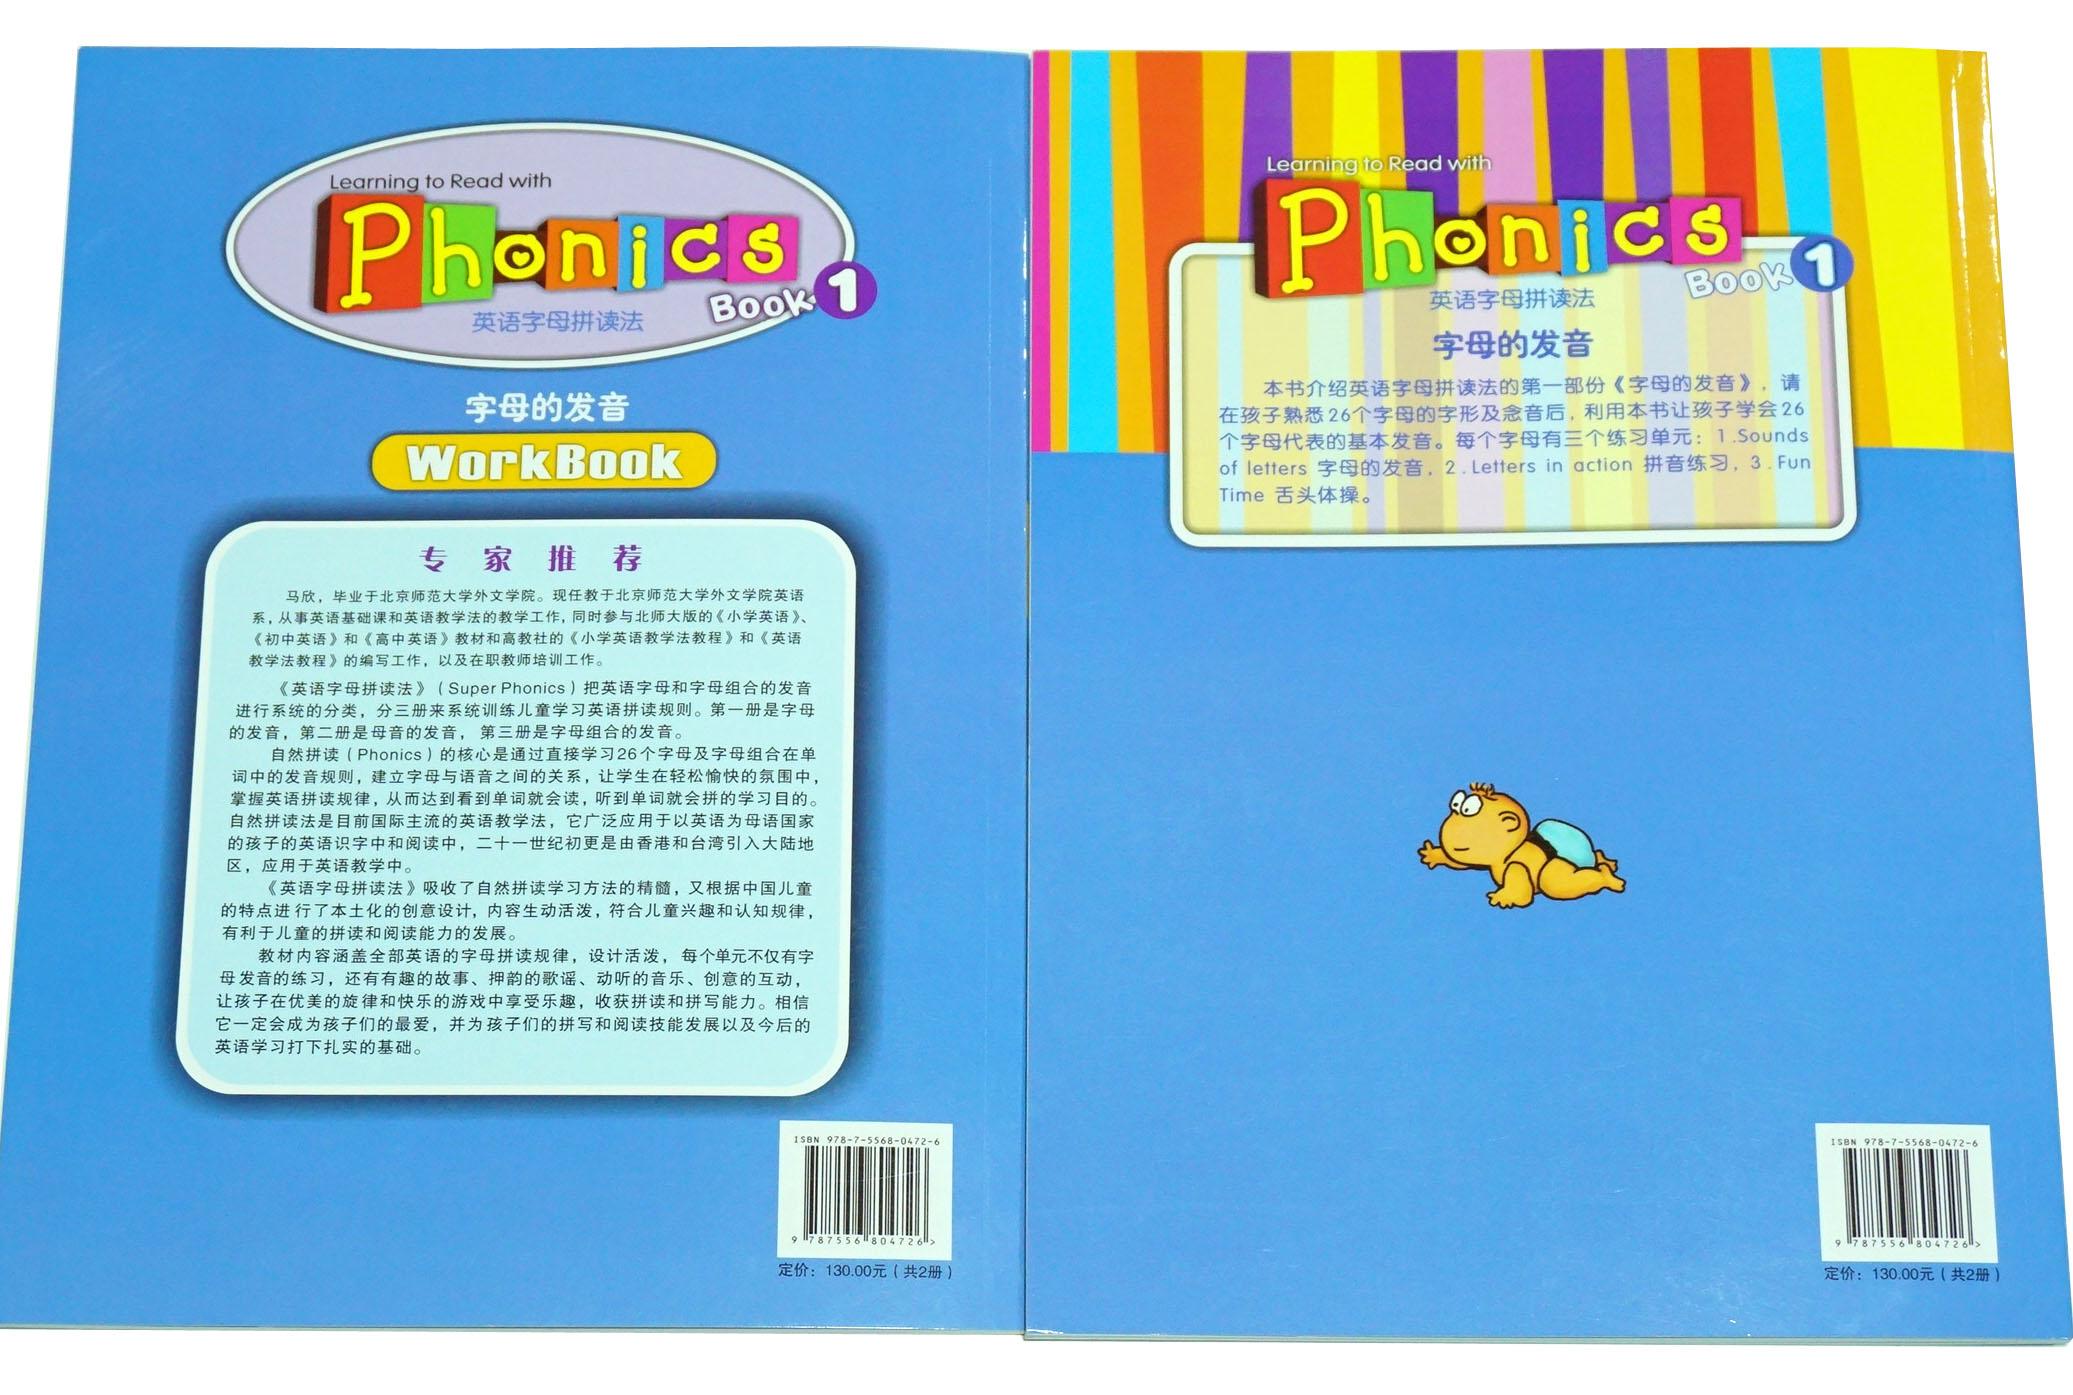 幼儿英语启蒙教材 phonics英语字母拼读法Book1(原Super phonics